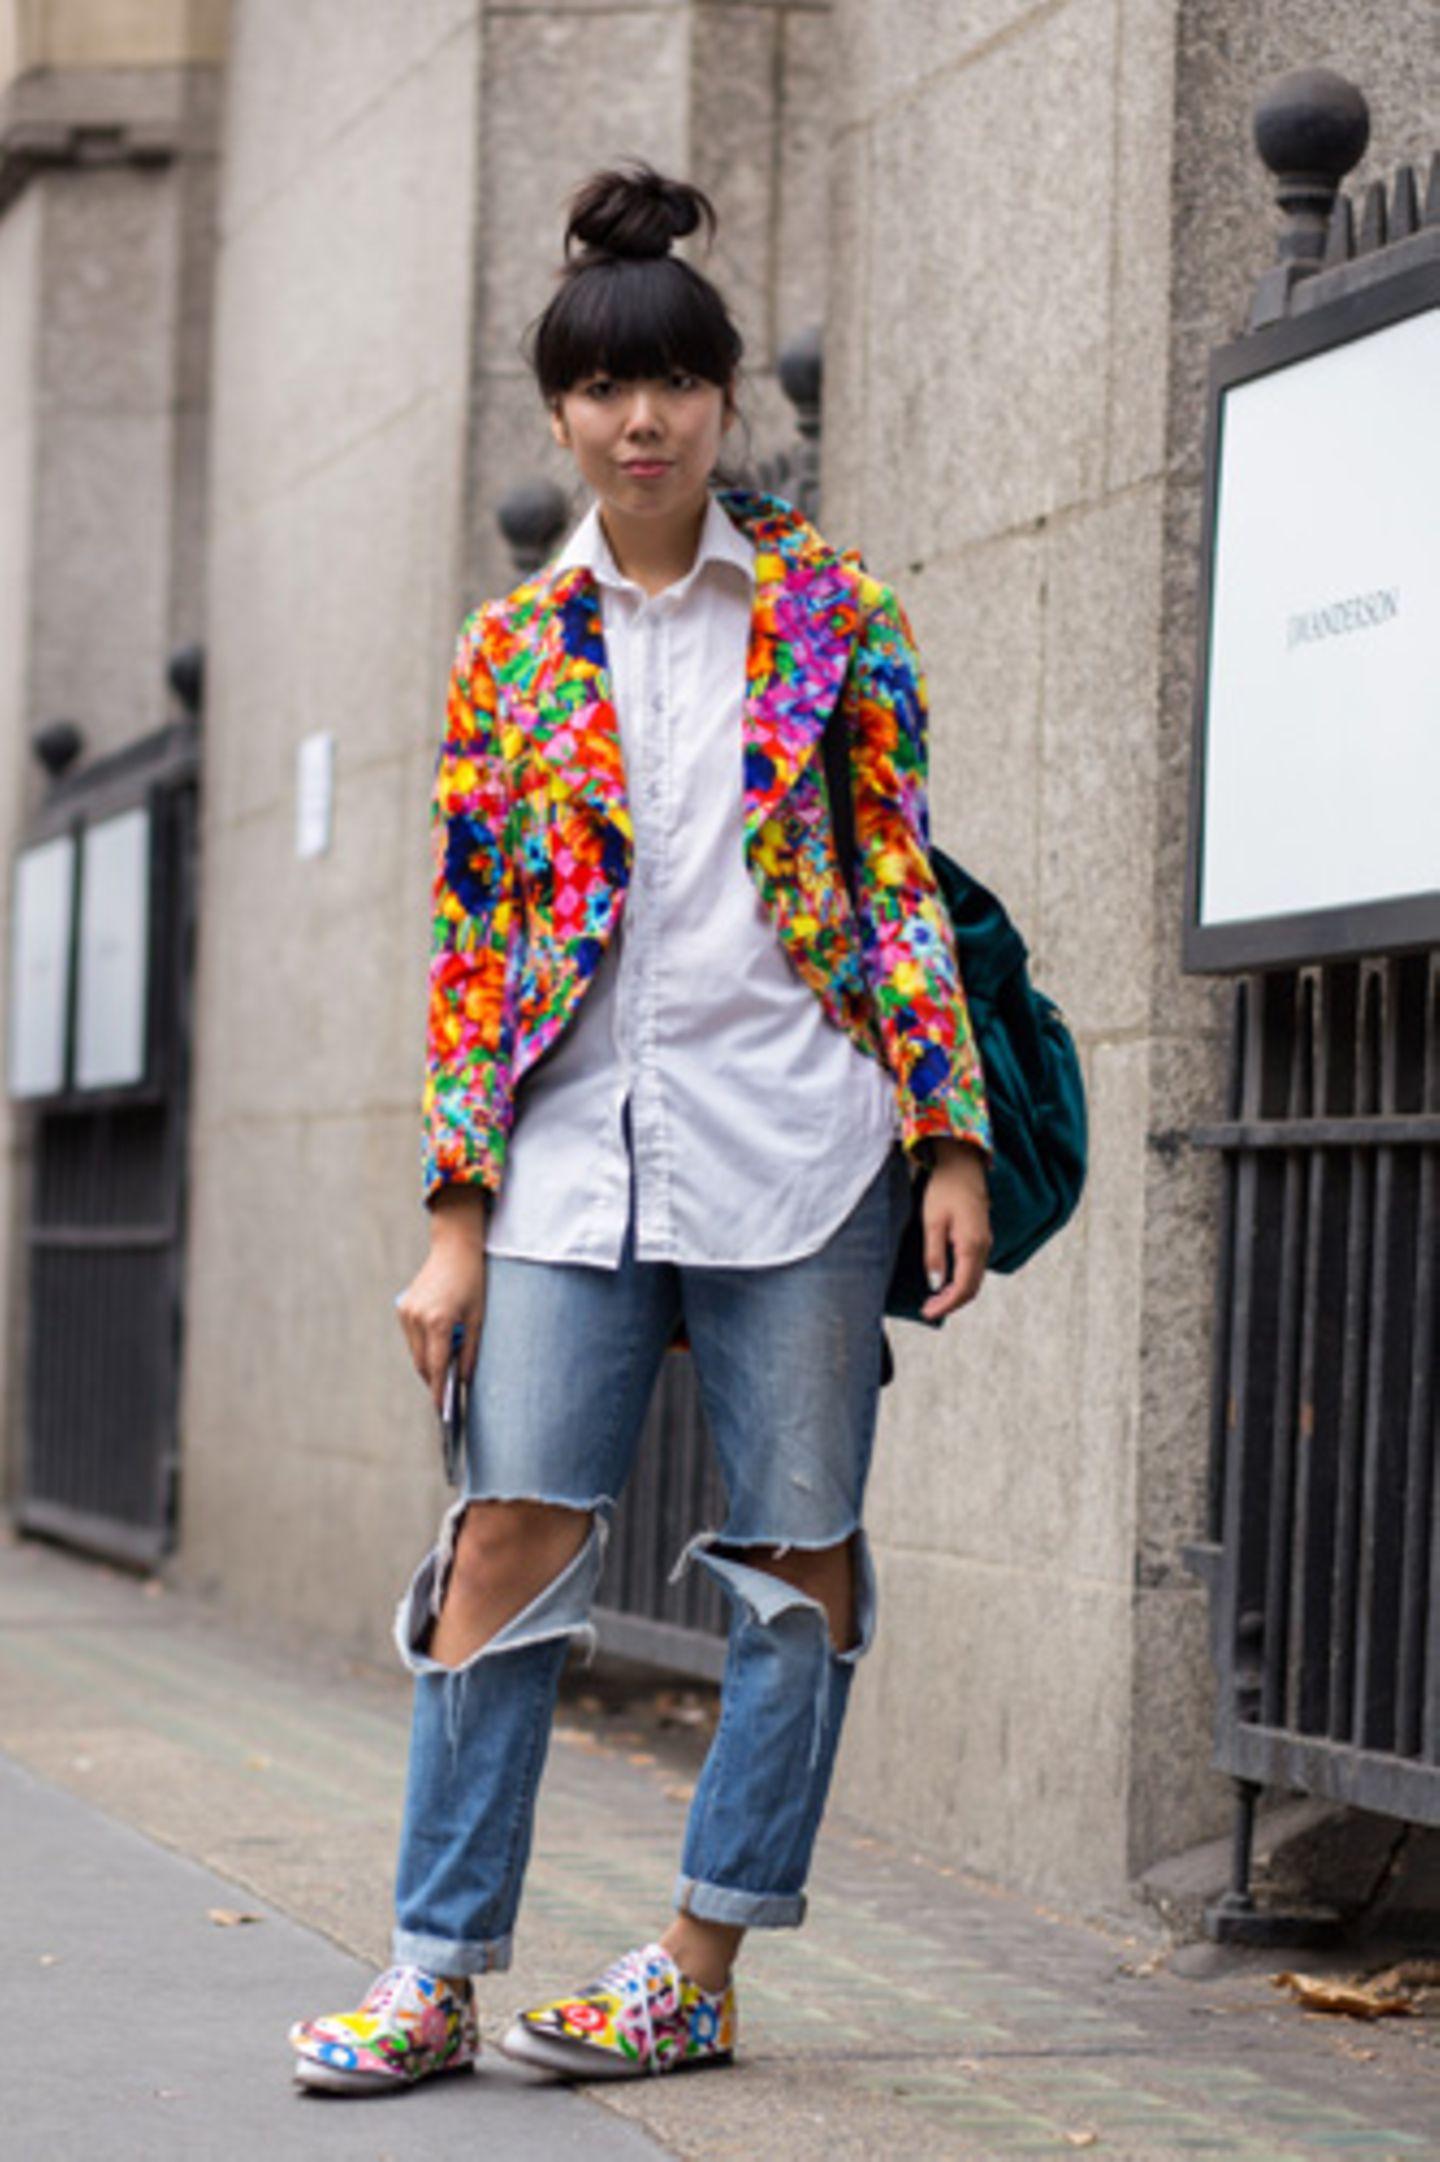 Womit wird Susie Bubbles uns diesmal überraschen? Die Streetstyle-Ikone bleibt dem Stilbruch treu und kombiniert in ihrer Heimatstadt London eine quietschebunte Musterjacke bzw. Halbschuhe zu (wirklich!) zerissenen Jeans und weißem Hemd.